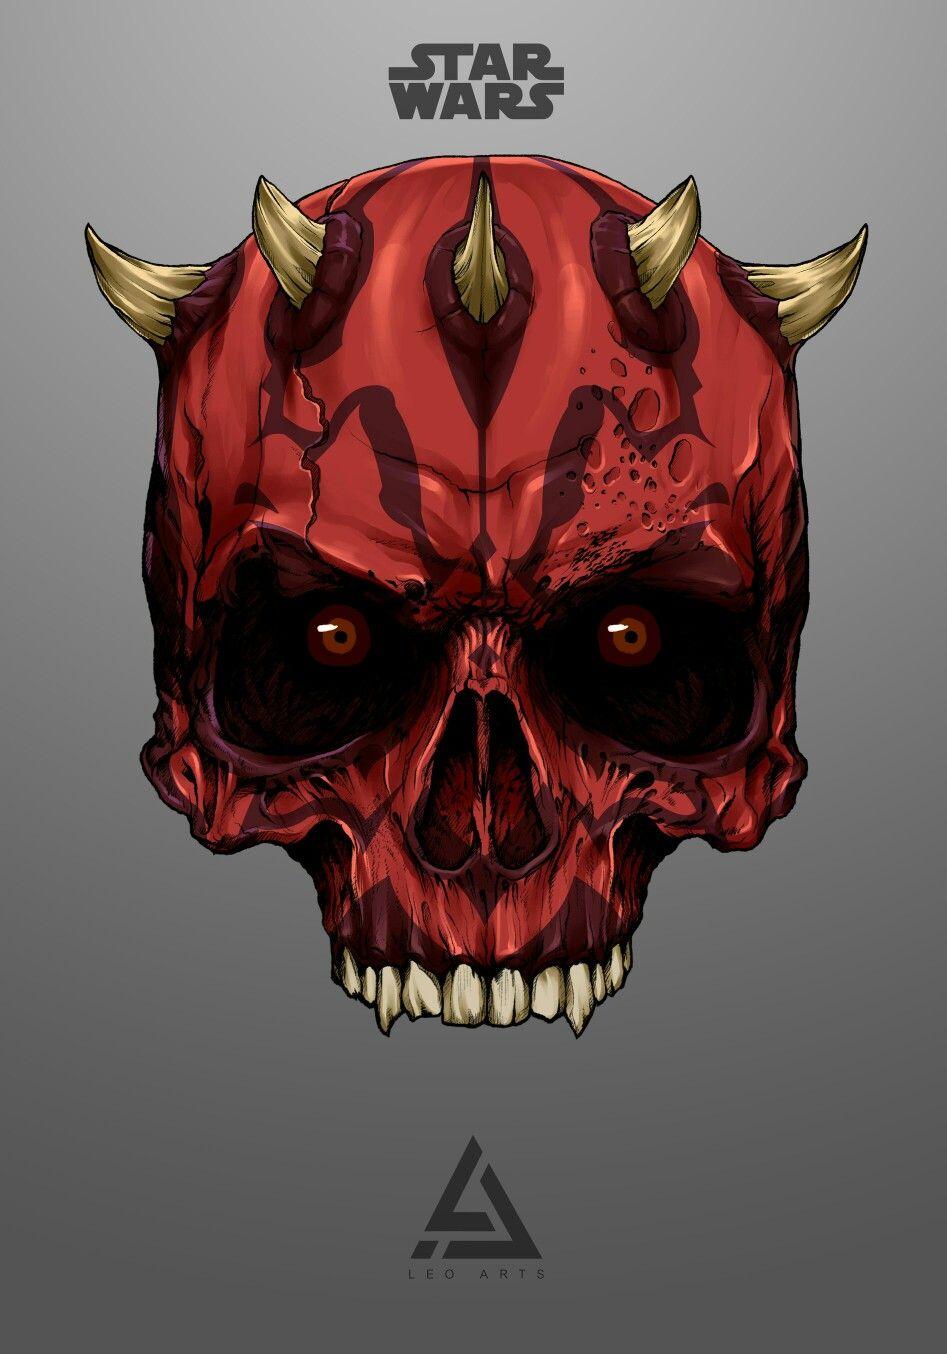 Darth Maul Skull Star Wars Art Drawings Star Wars Art Star Wars Background